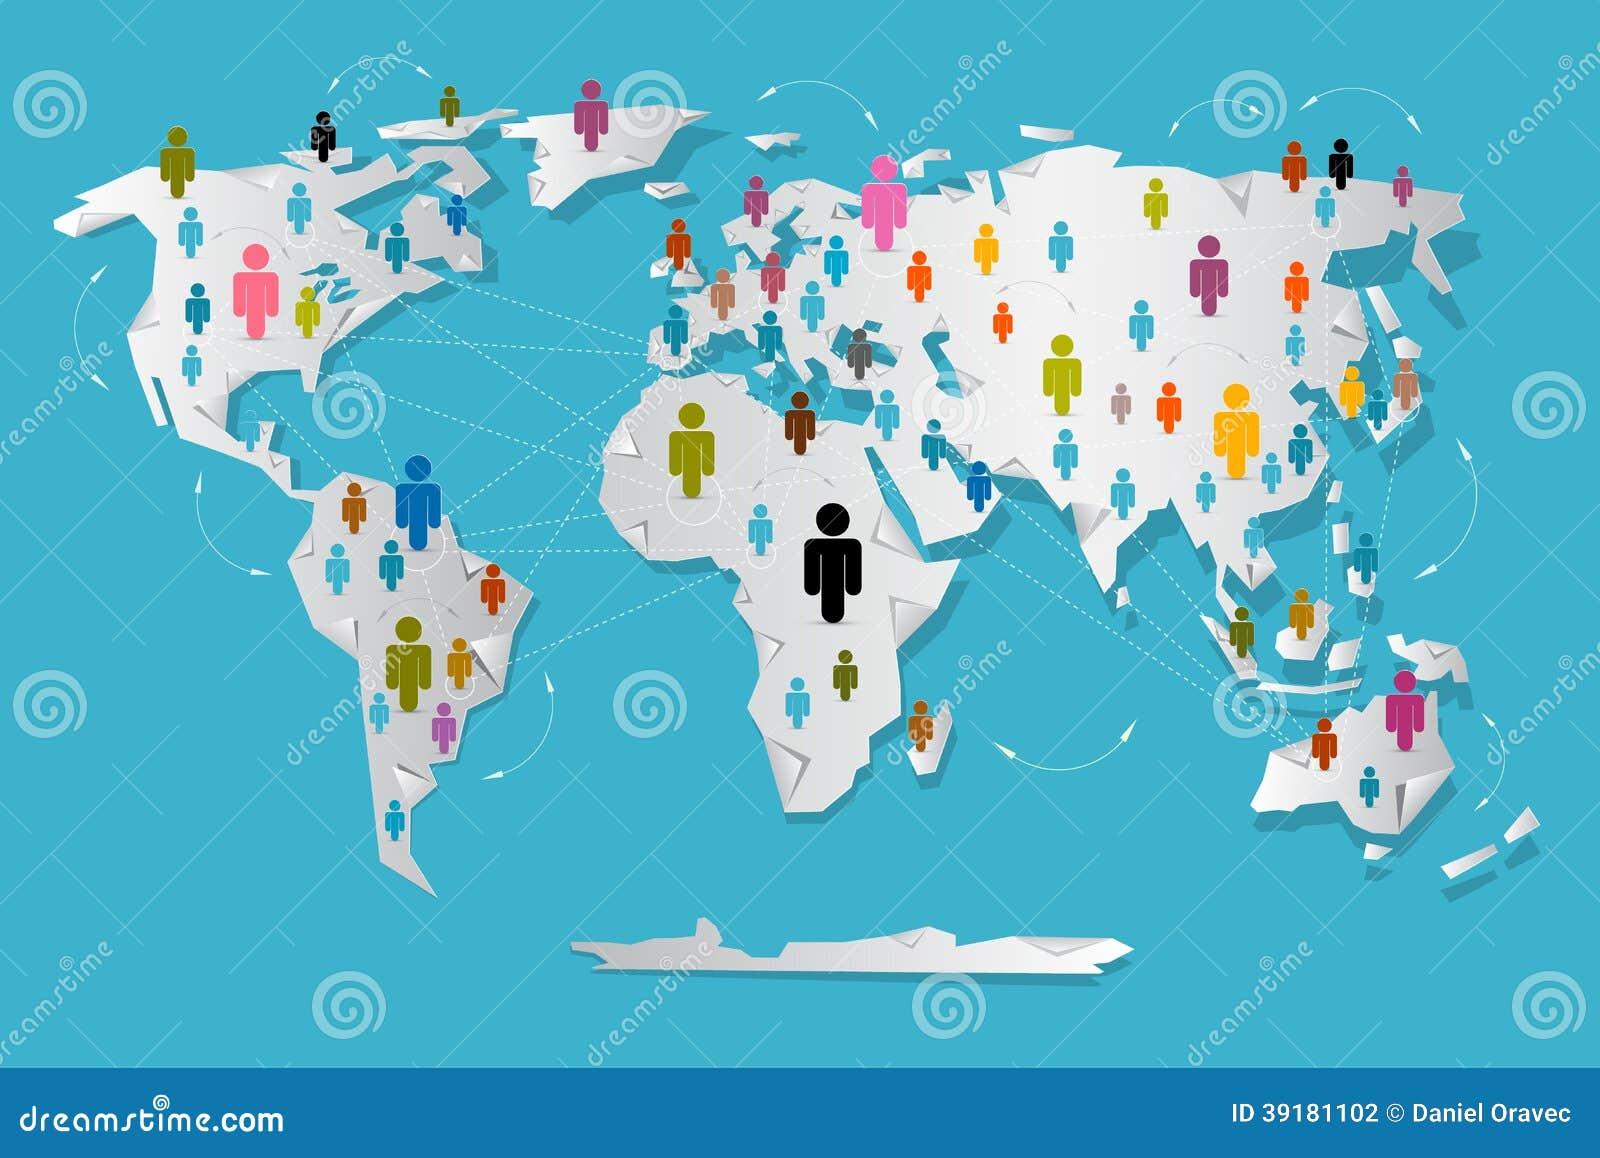 Essay on world population